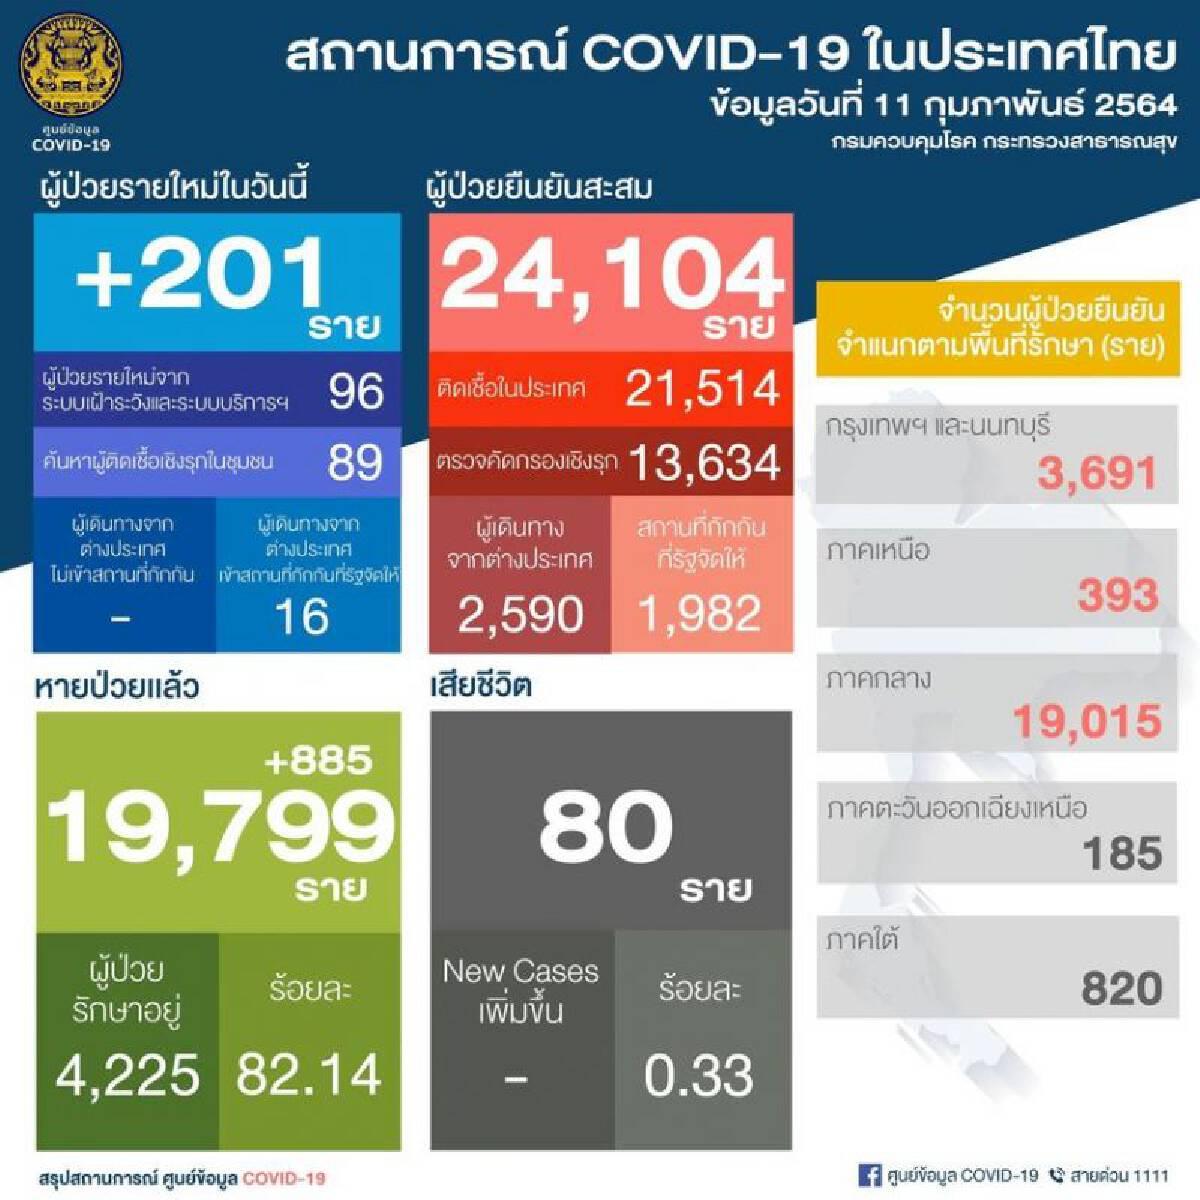 ยอดติดเชื้อโควิด 11 ก.พ.64 รายใหม่ 201 หายป่วยเพิ่ม 885 สะสมทะลุ 24,000 ราย